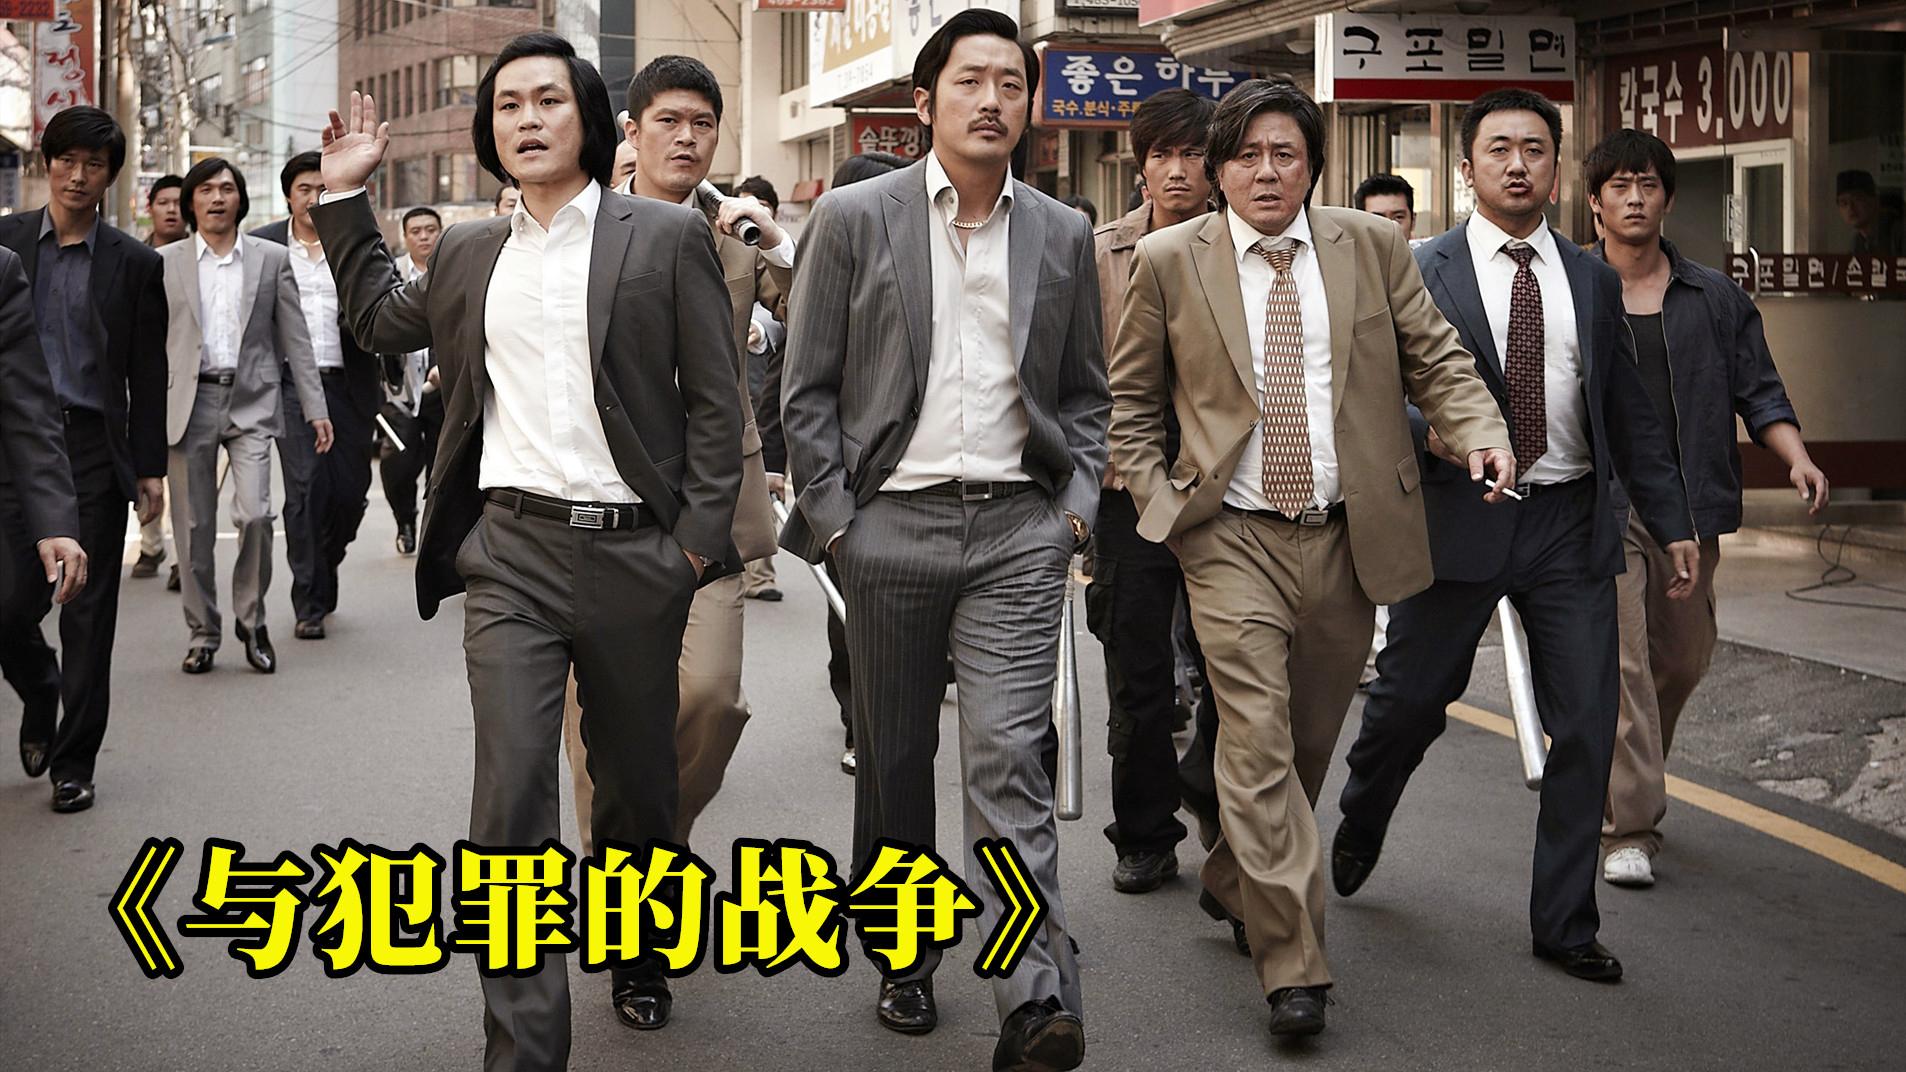 《与犯罪的战争:坏家伙的全胜时代》片名长质量高,这黑帮片绝了